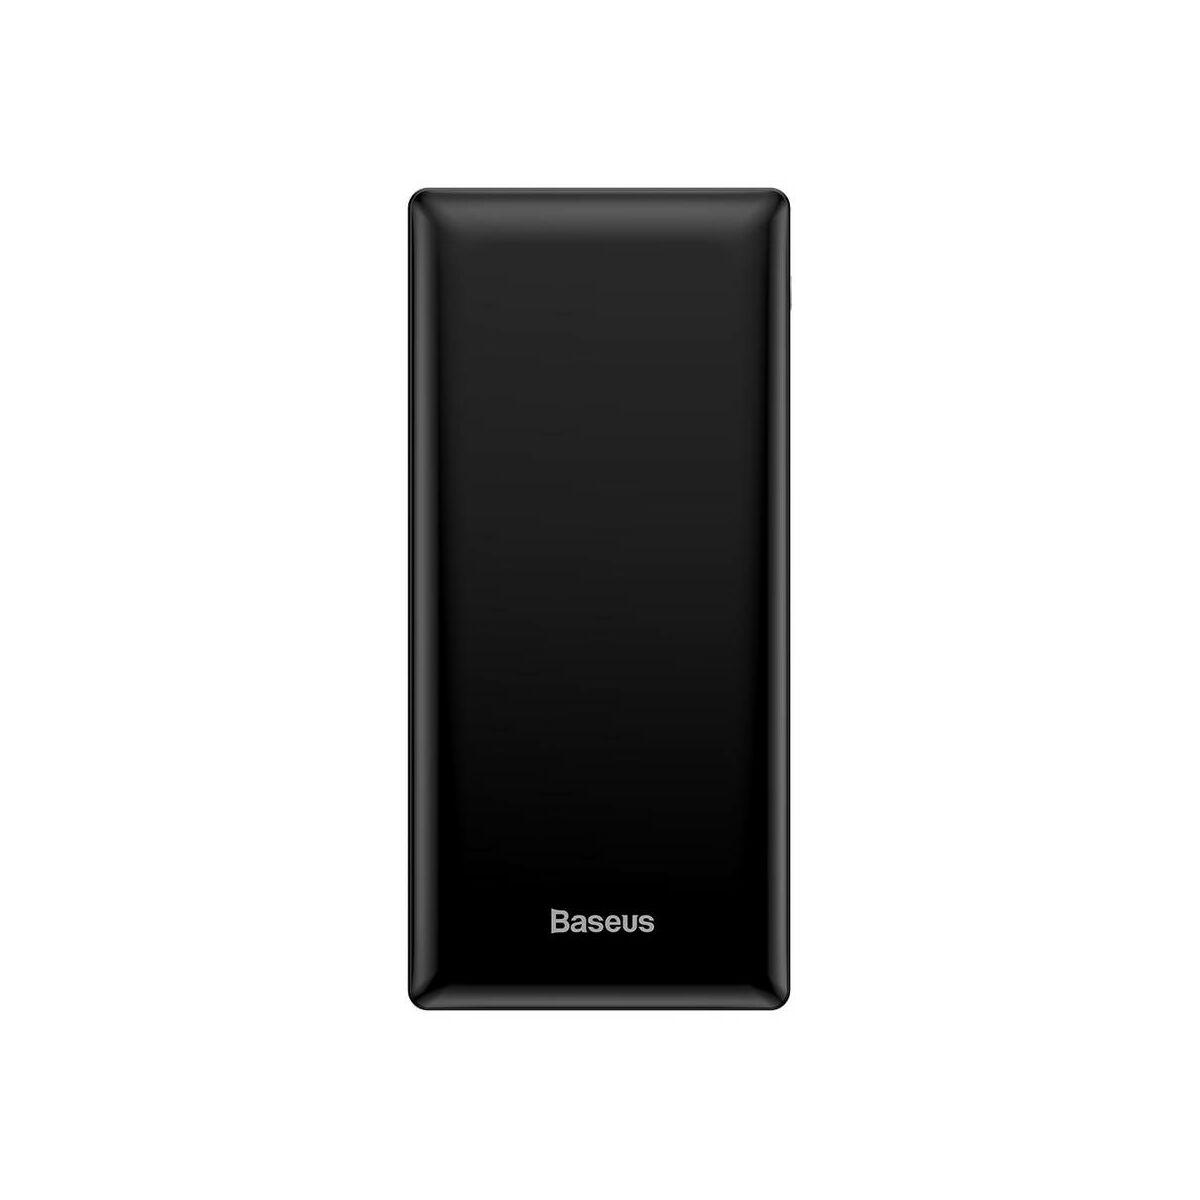 Baseus Power Bank Mini JA, gyors töltés, (Micro USB + Type-C + Lightning bem. / 2xUSB + Type-C PD kim.), 3A, 30.000 mAh, fekete (PPJAN-C01)